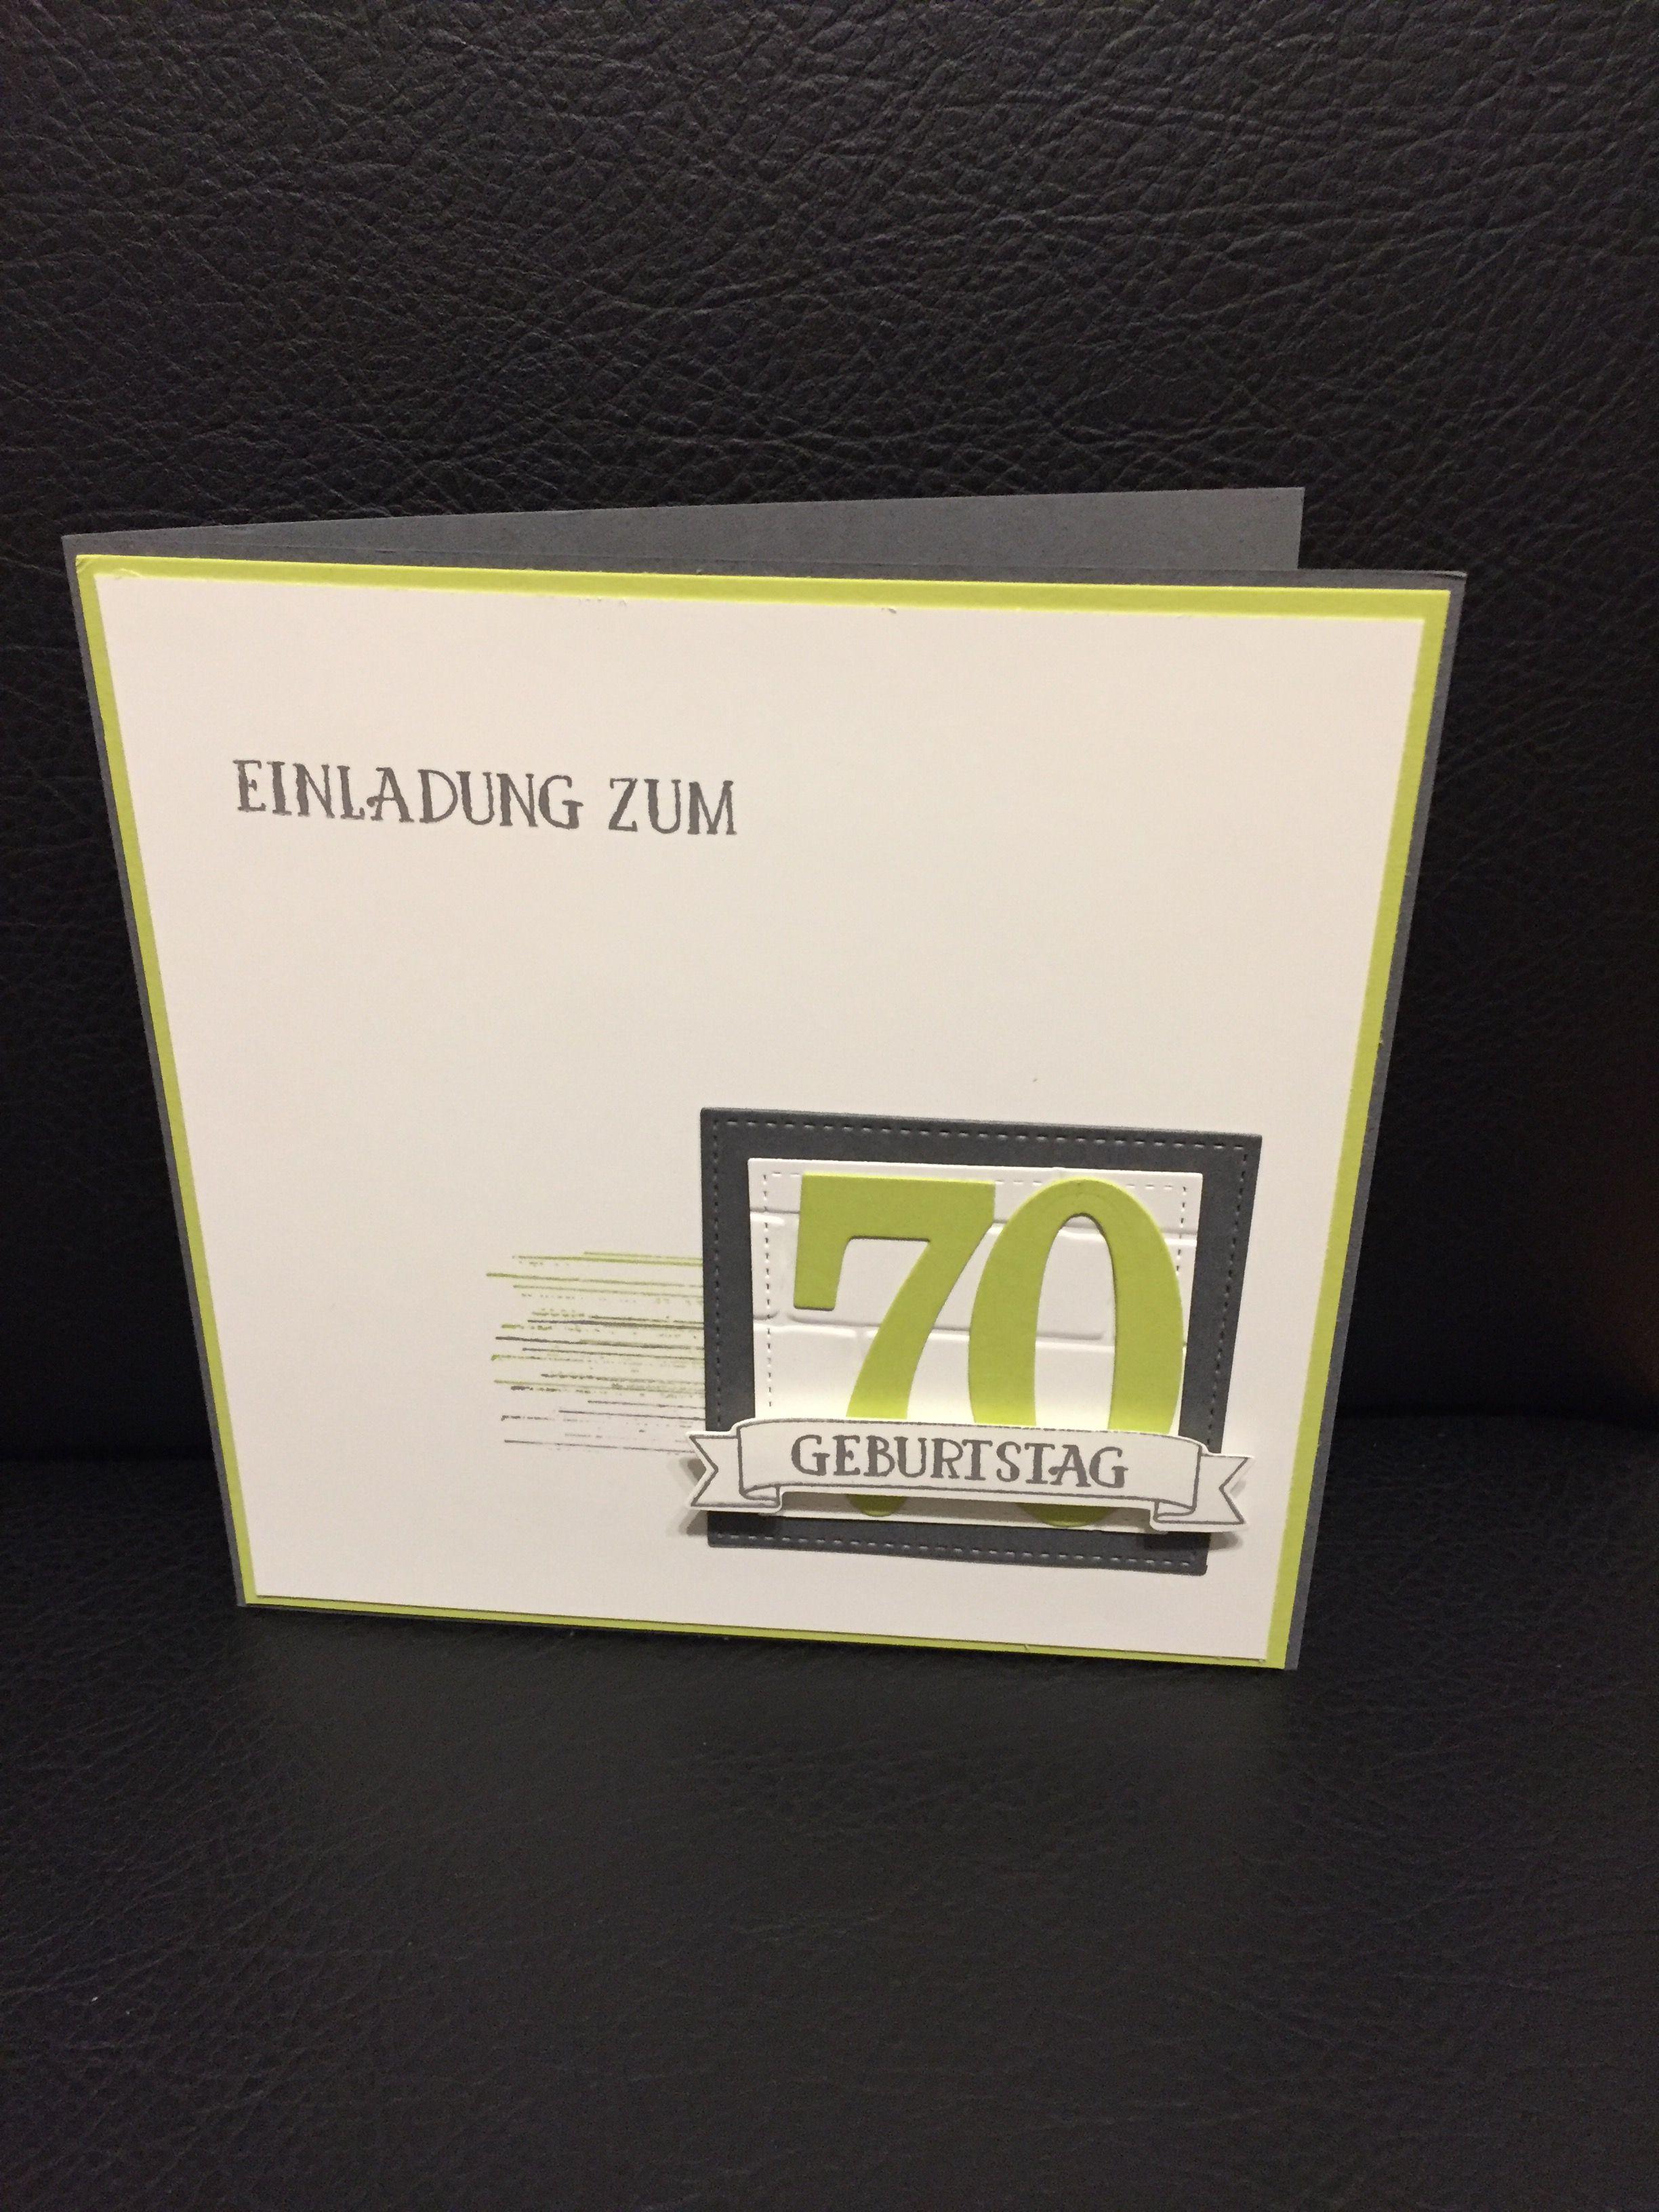 Einladung 70. Geburtstag, Stampin Up